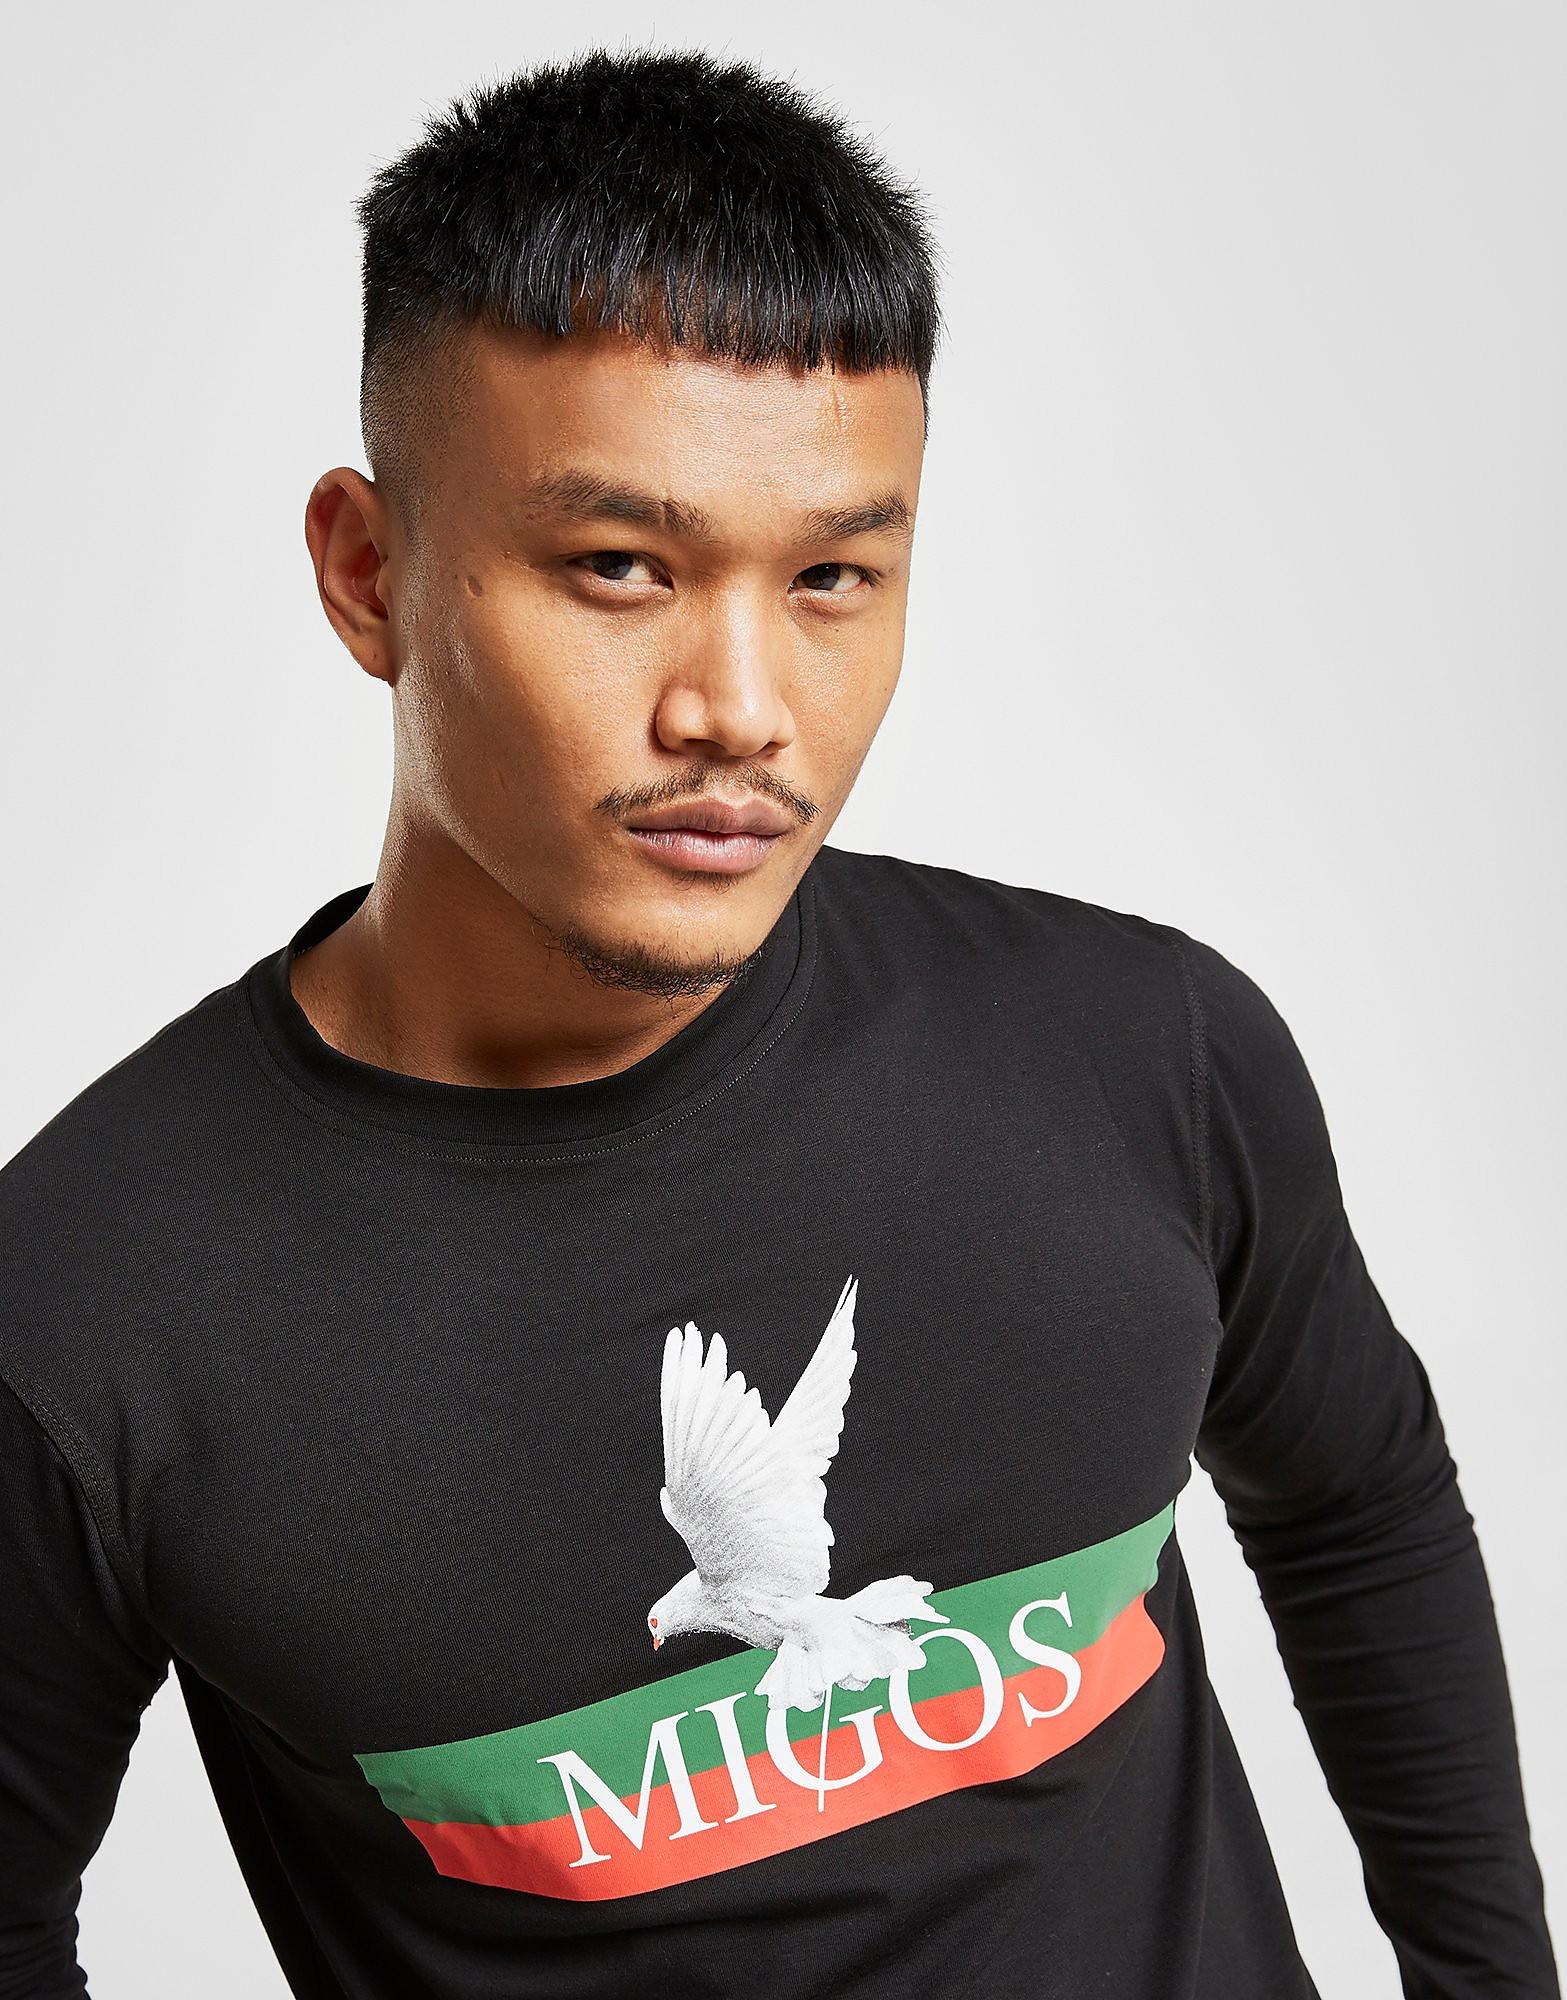 Supply & Demand Migos Long Sleeve T-Shirt - Zwart - Heren